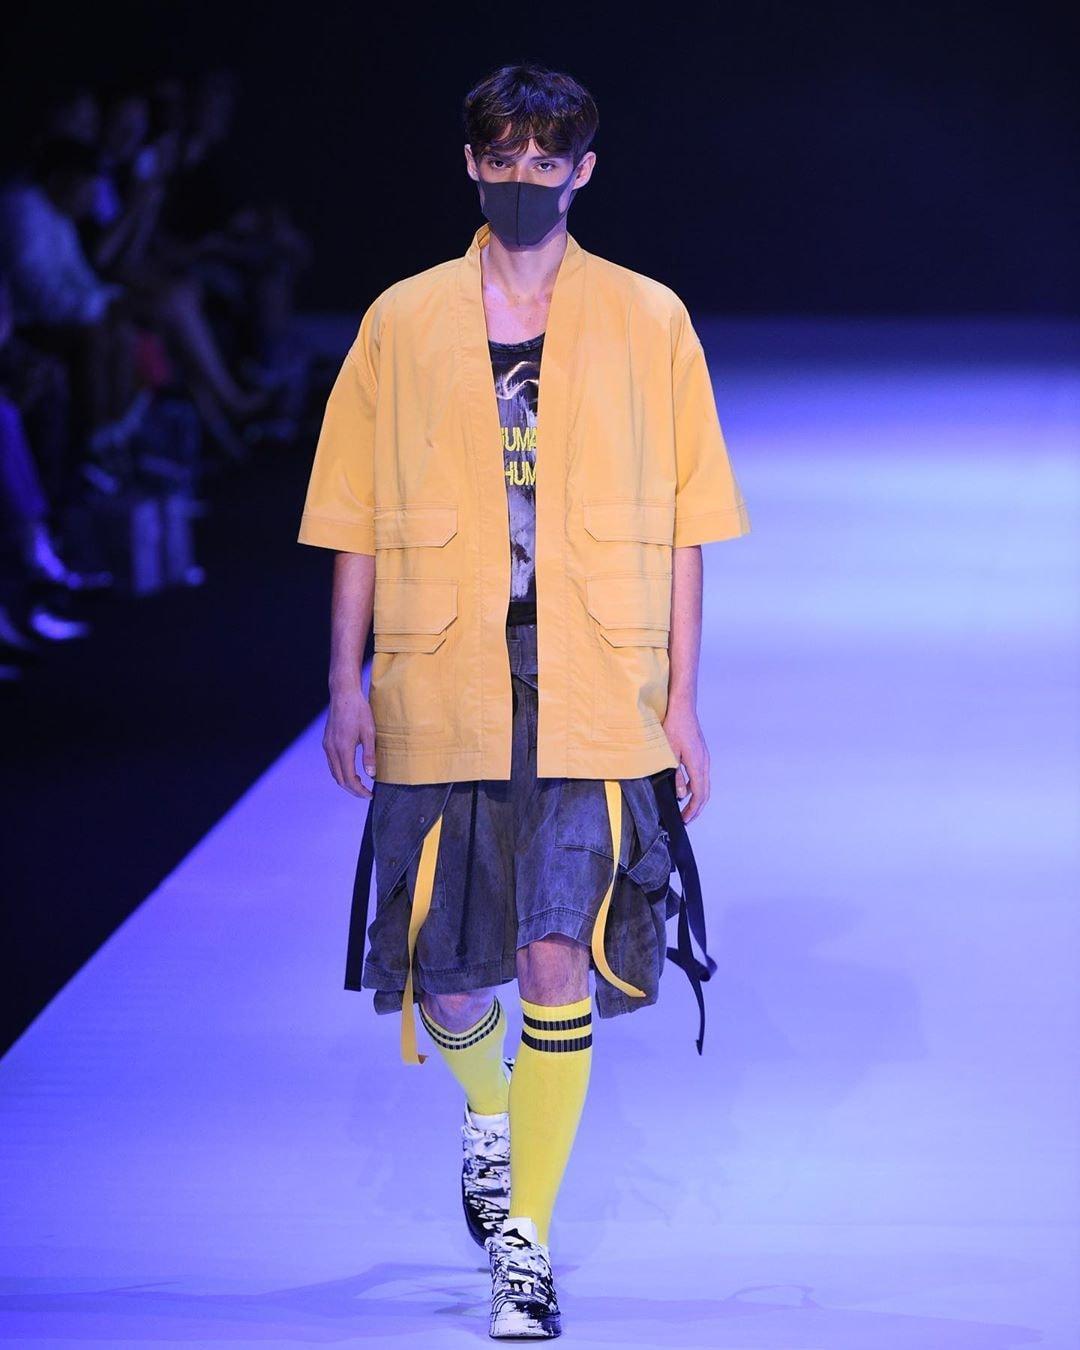 務必關注的香港時裝品牌!多位設計師談論近年本地時裝發展